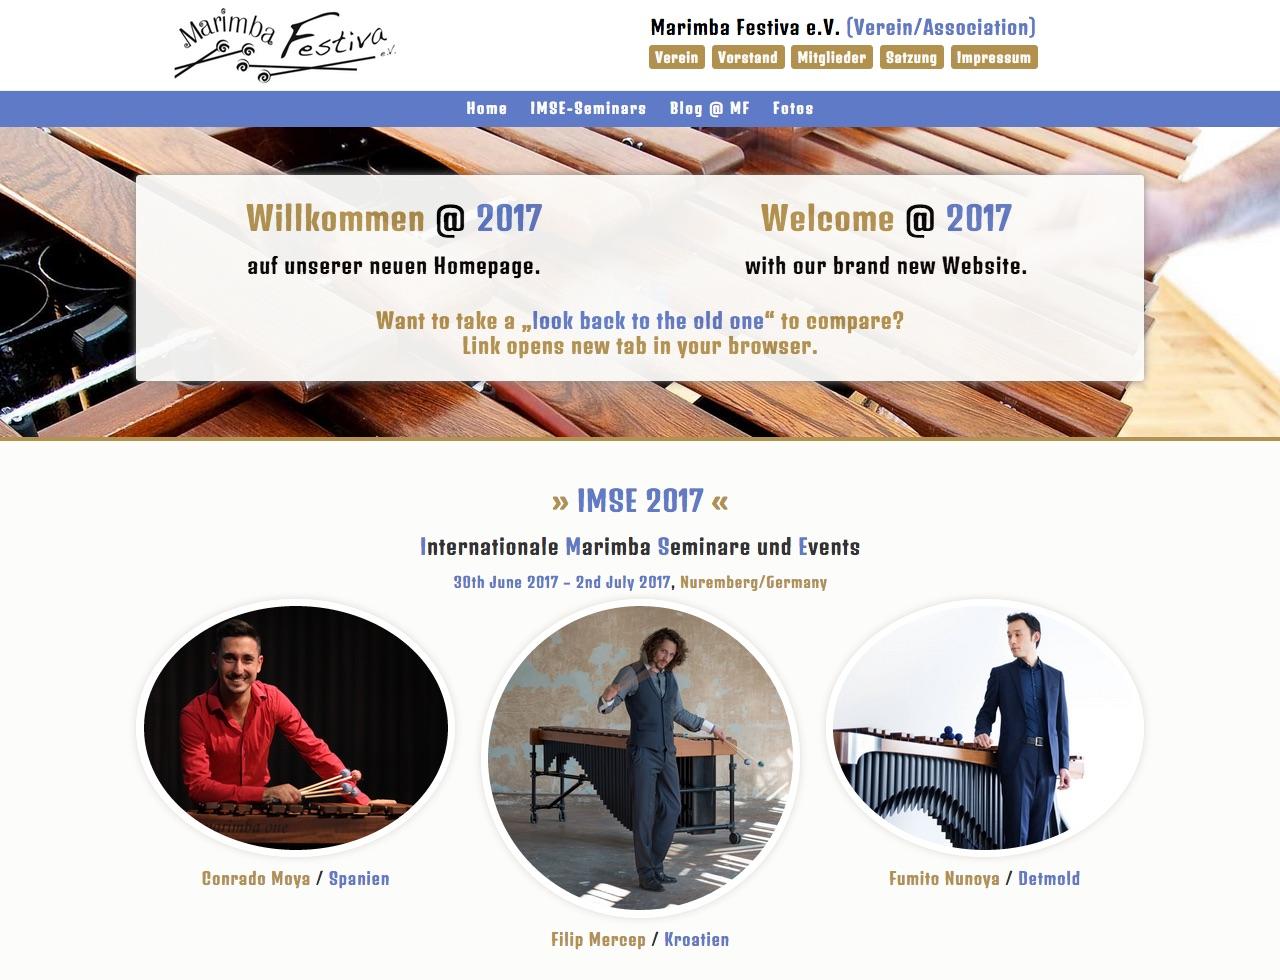 Neue Homepage · Marimba-Festiva e.V. (Januar 2017)